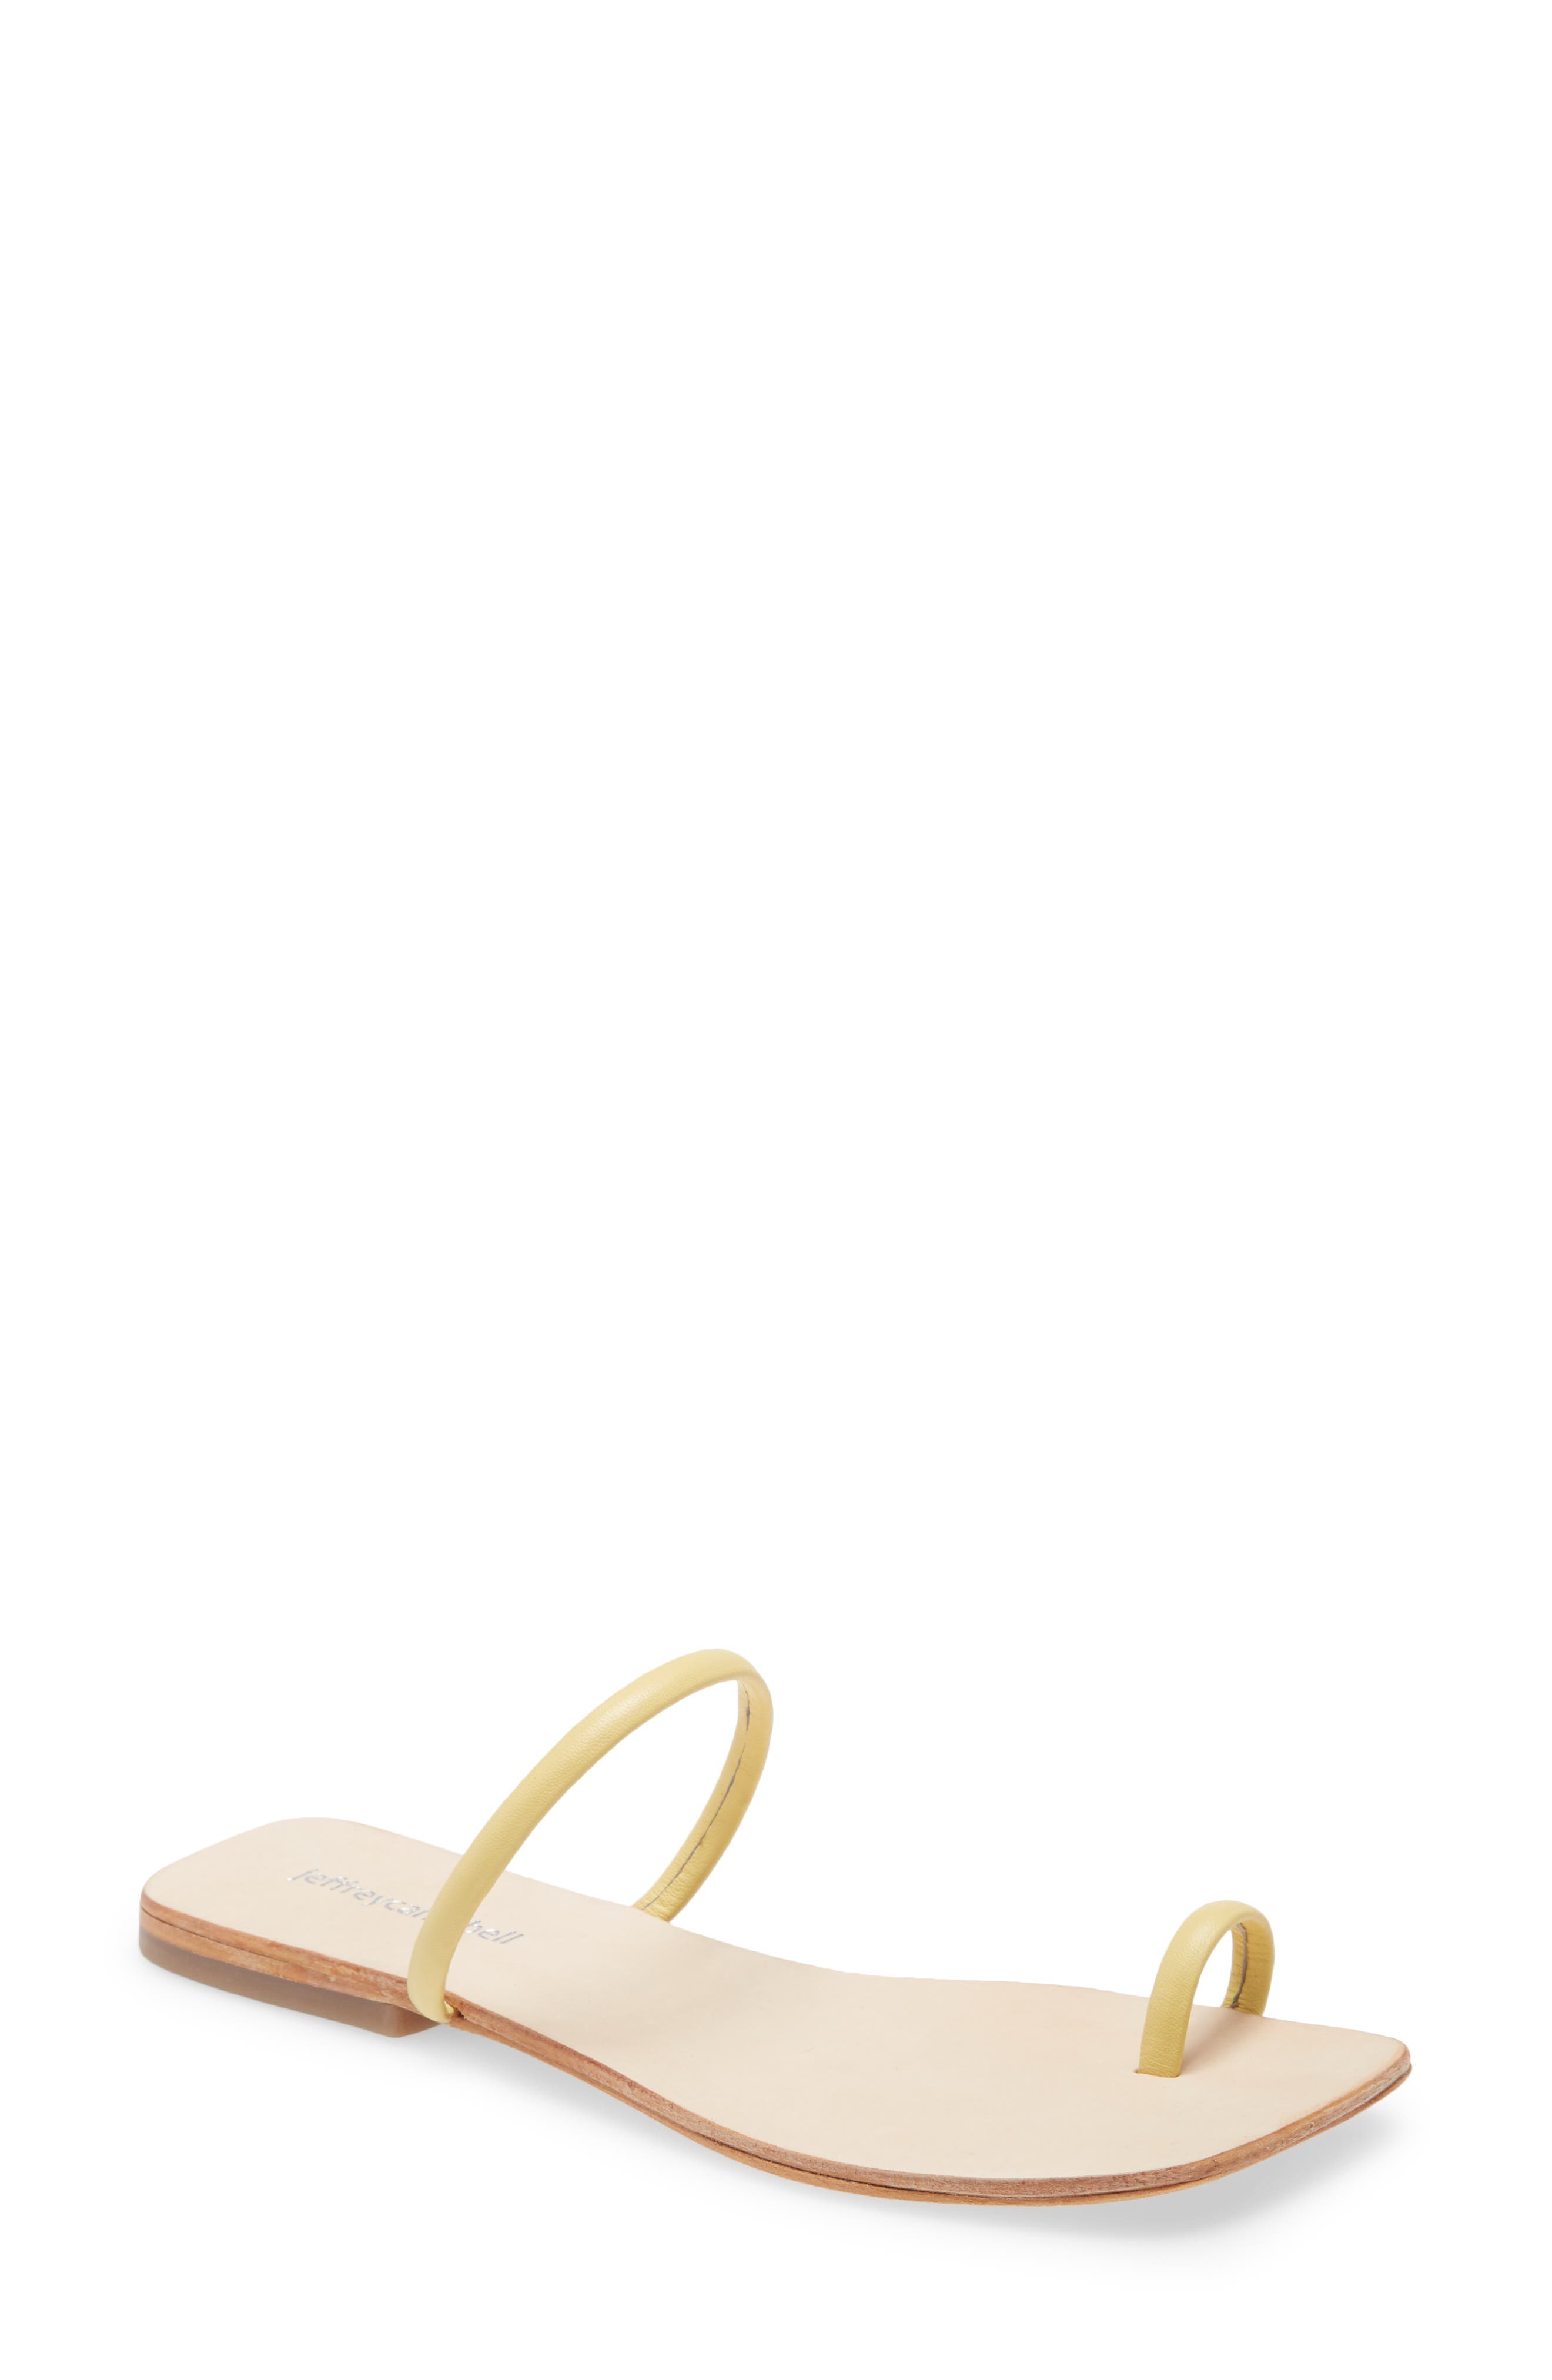 Darbey Toe Loop Sandal